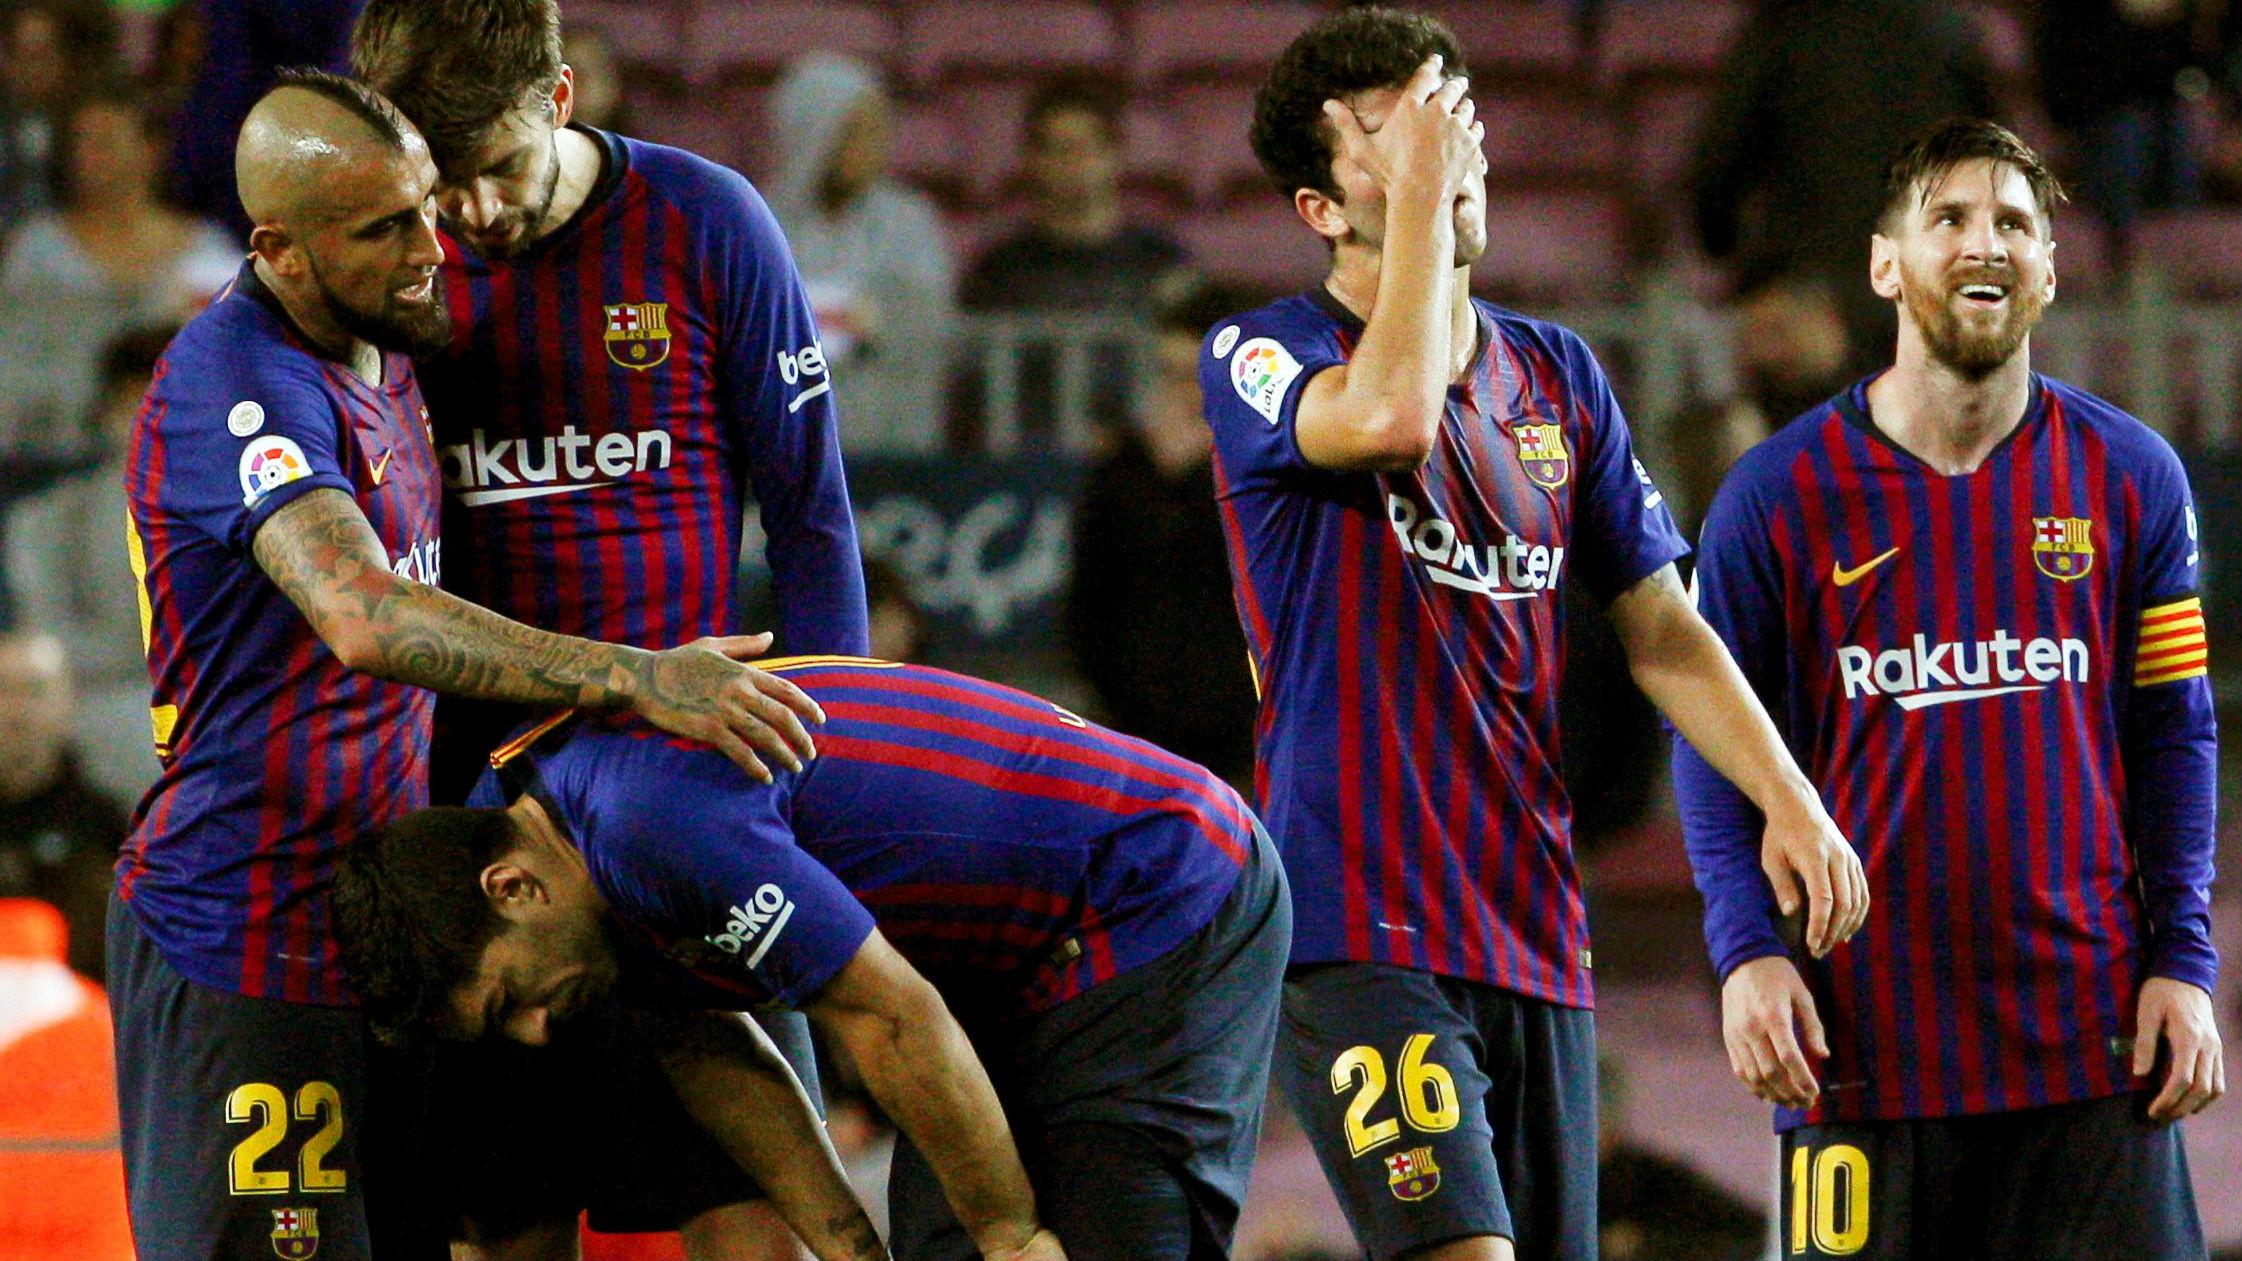 学中超押宝外援?欧洲足球俱乐部外籍球员比例创新高